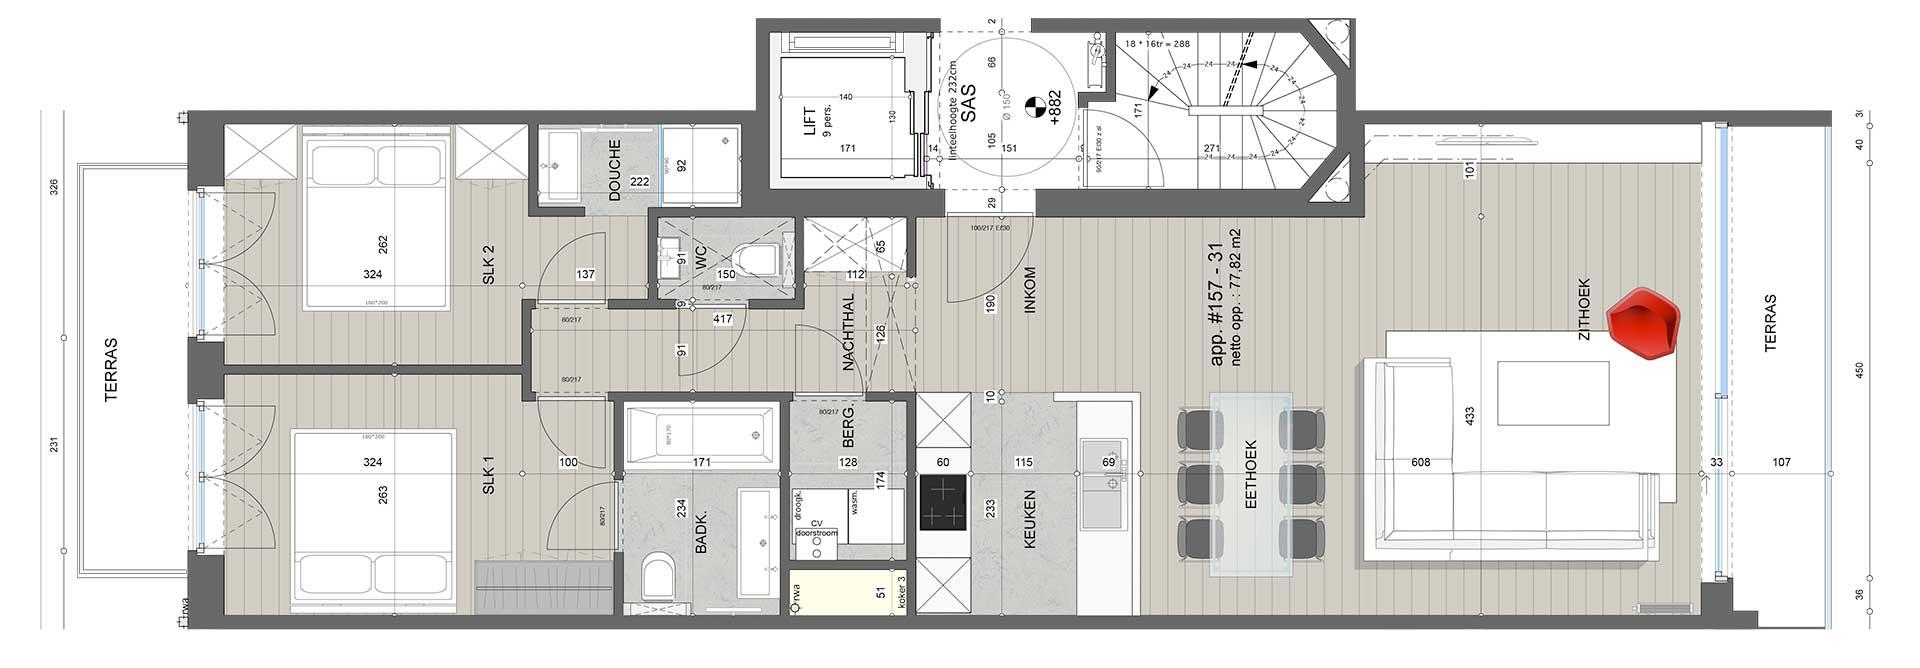 Residentie <br/> Fontana - image residentie-fontana-appartement-te-koop-knokke-plannen-157-31-1 on https://hoprom.be